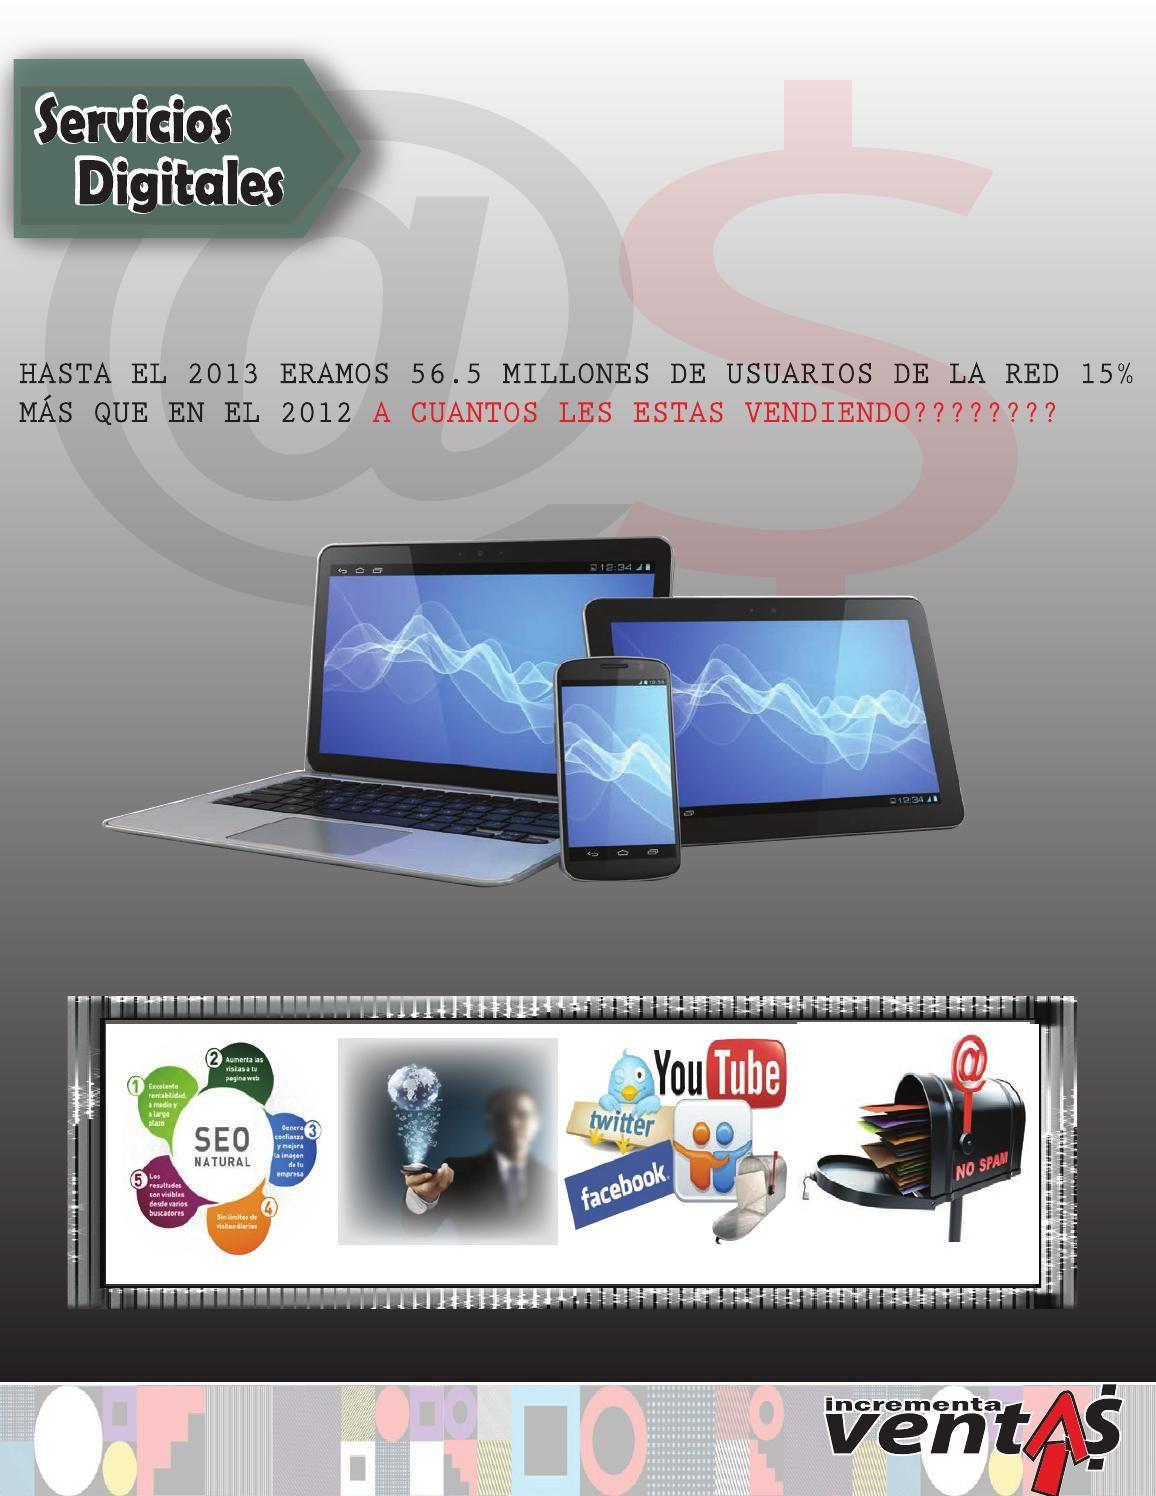 Catálogo productos on line  Optimización SEO (Optimización Página WEB), Google Adwords (pago por Click), Páginas WEB, Redes Sociales, Facebook Ads, E-mail Marketing.